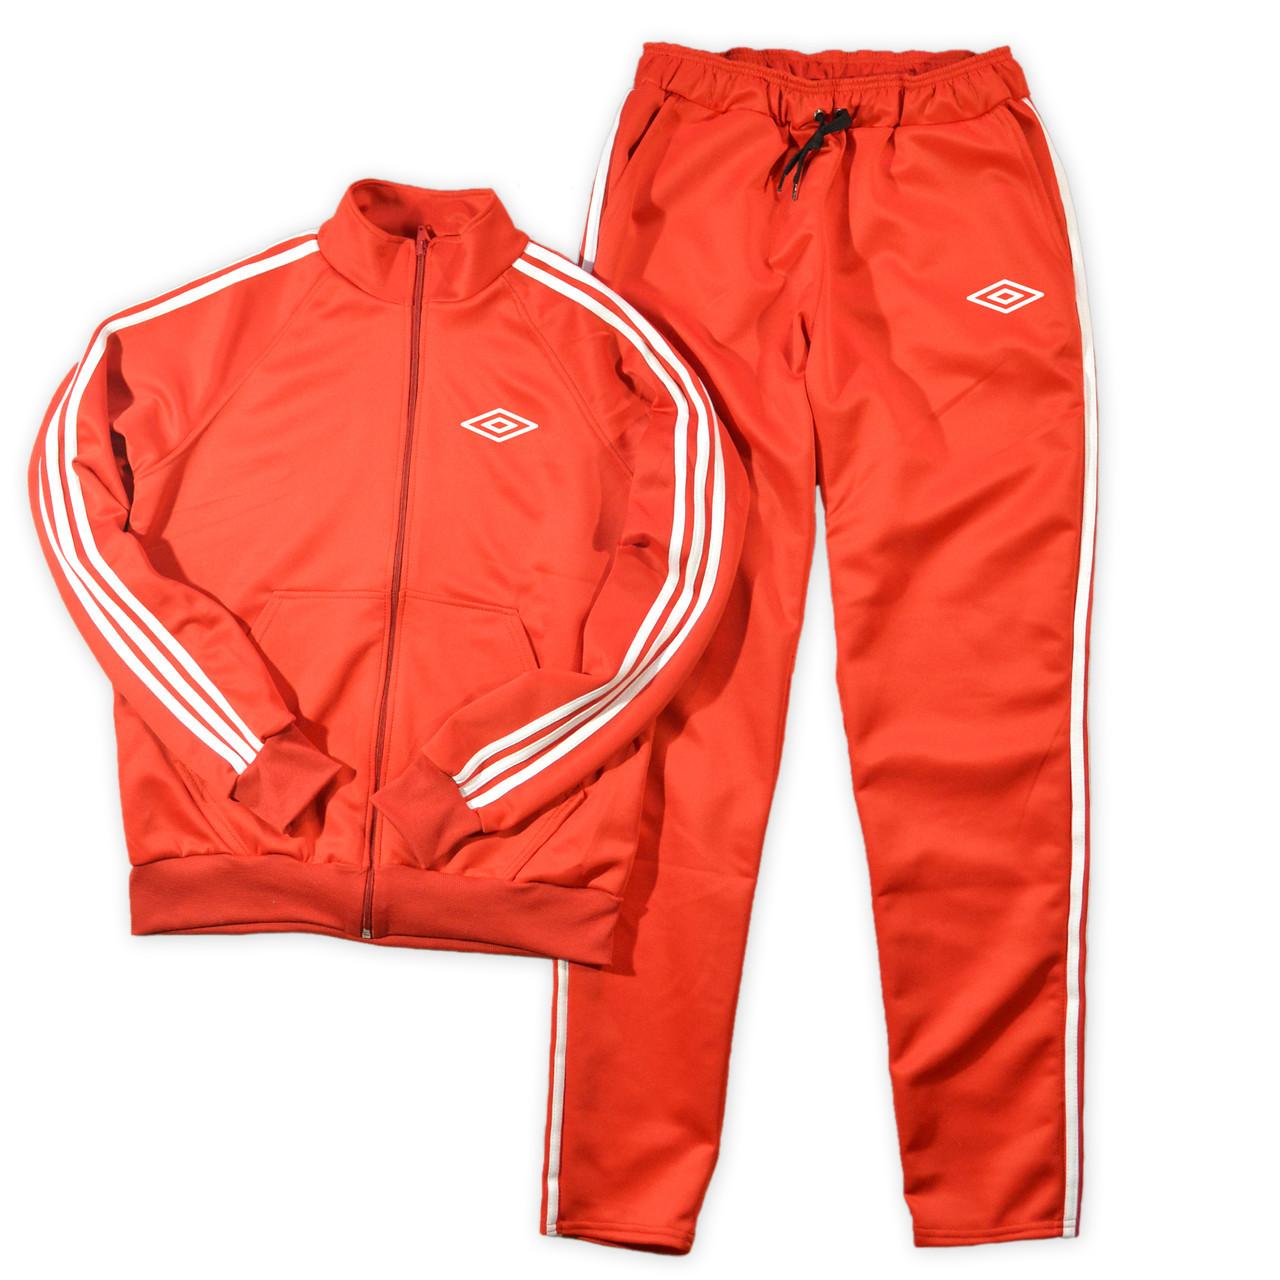 Теплый спортивный костюм Umbro для мужчины (Умбро)